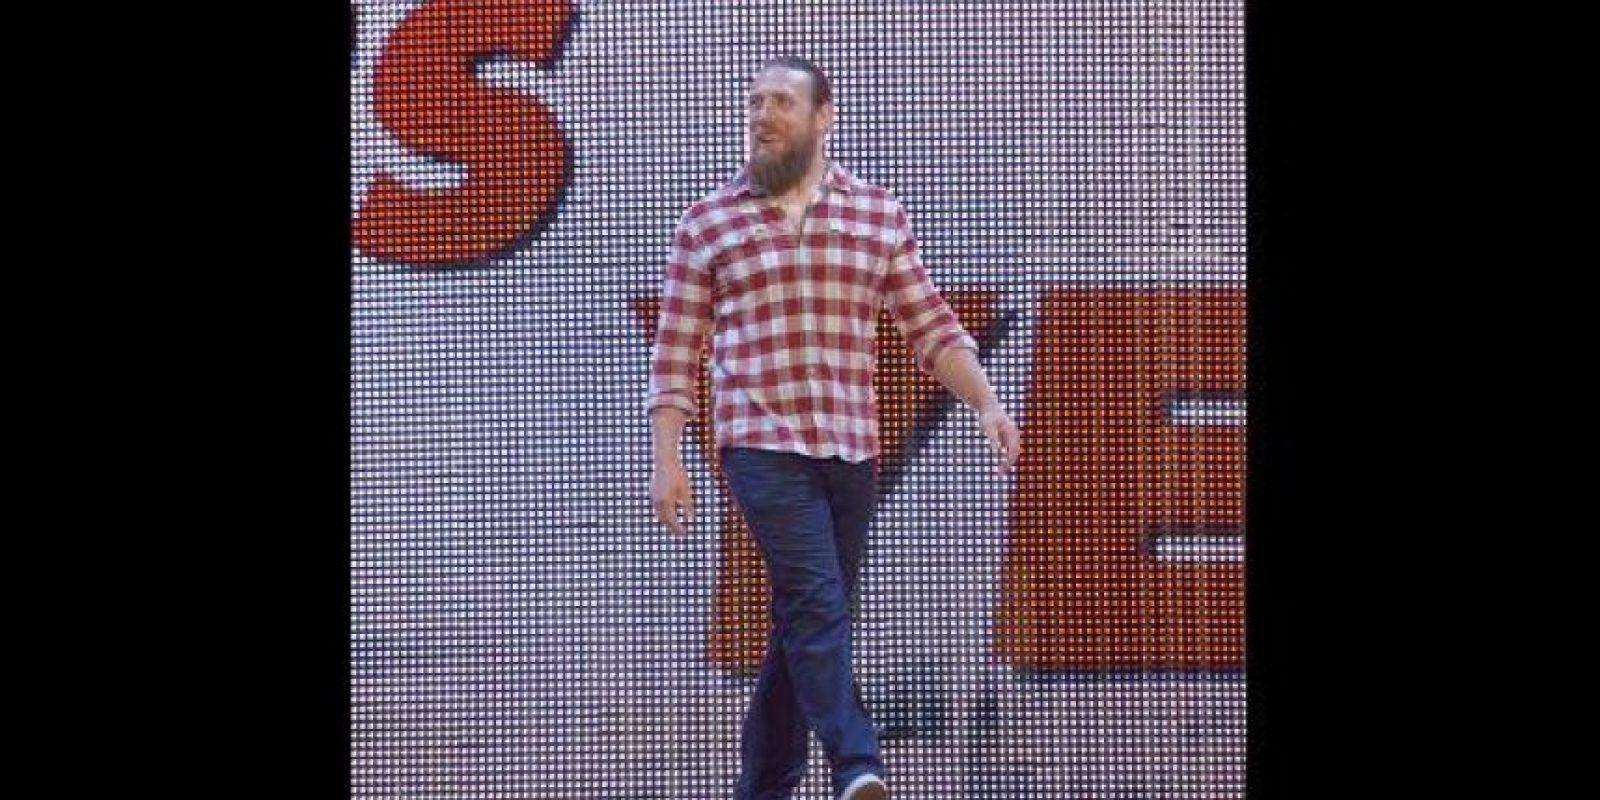 El público lo pide; la preguna es: ¿Les hará caso WWE? Foto:WWE